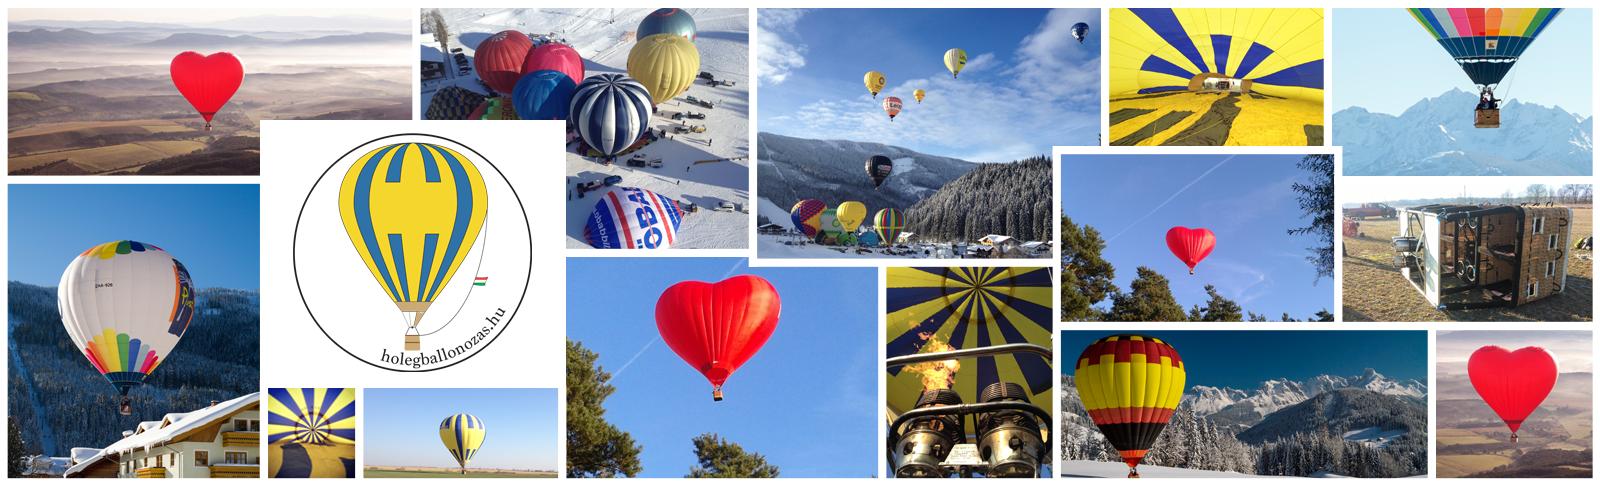 Hőlégballonozás ajándékba